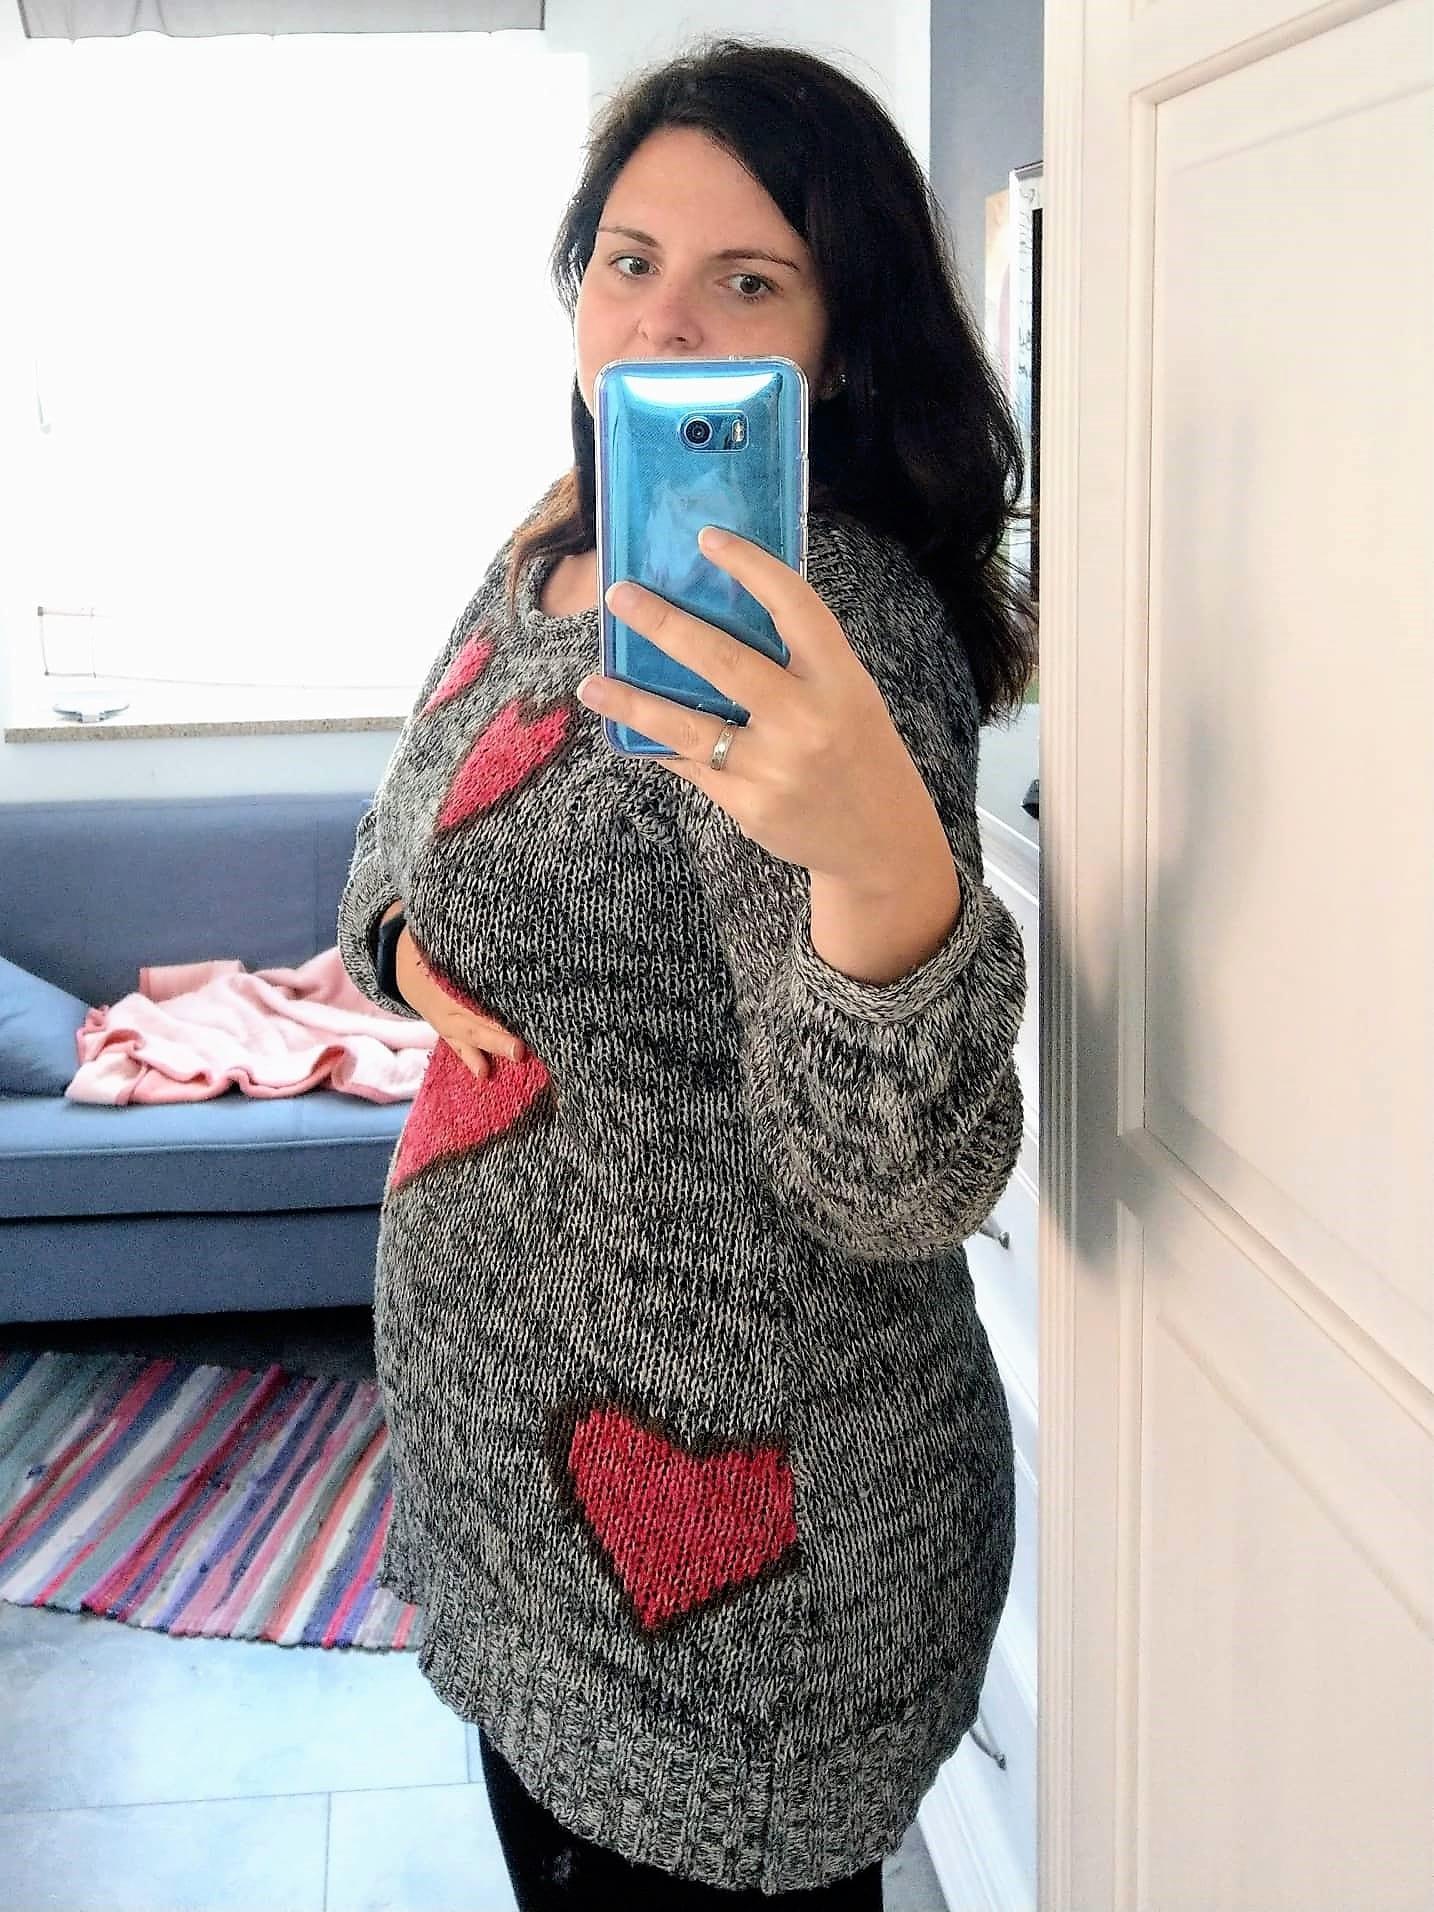 Mein Schwangerschaftsupdate über die 16. Schwangerschaftswoche: Mein Babybauch & Gewicht, meine Gelüste & Abneigungen, Shopping für Mama und Kind und mehr.